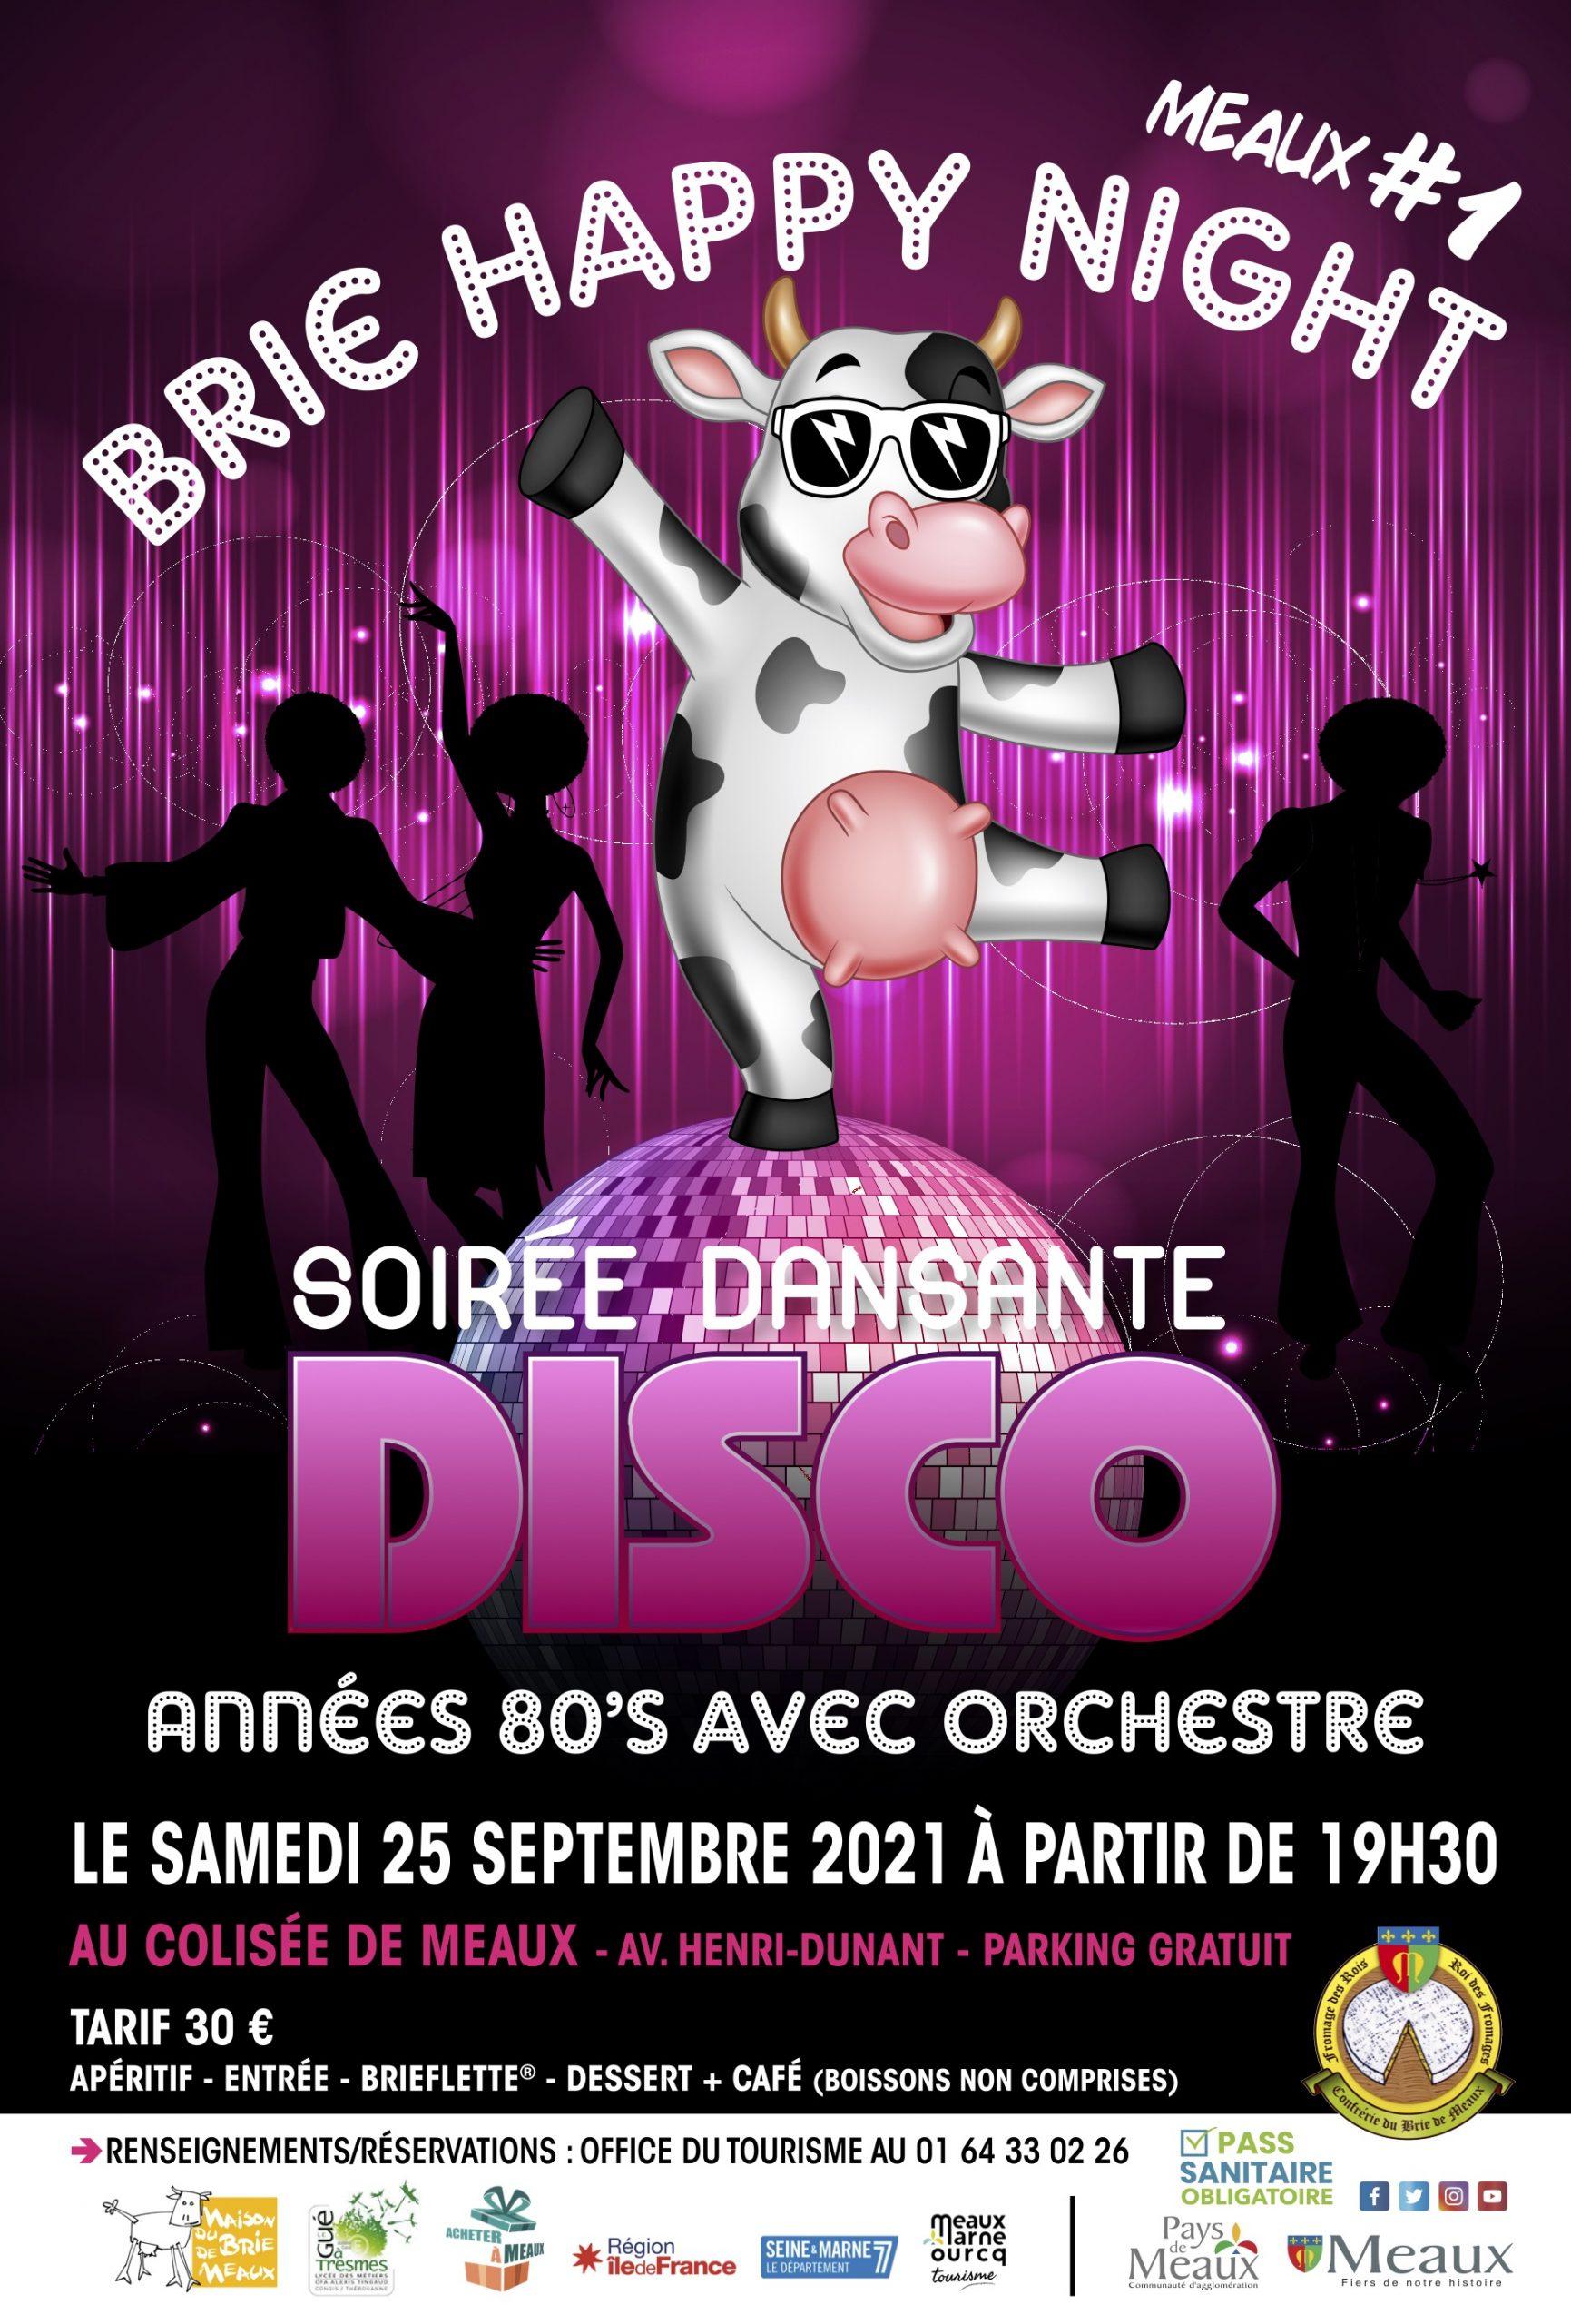 Affiche Disco Brie pour l'anniversaire happy brie 2021